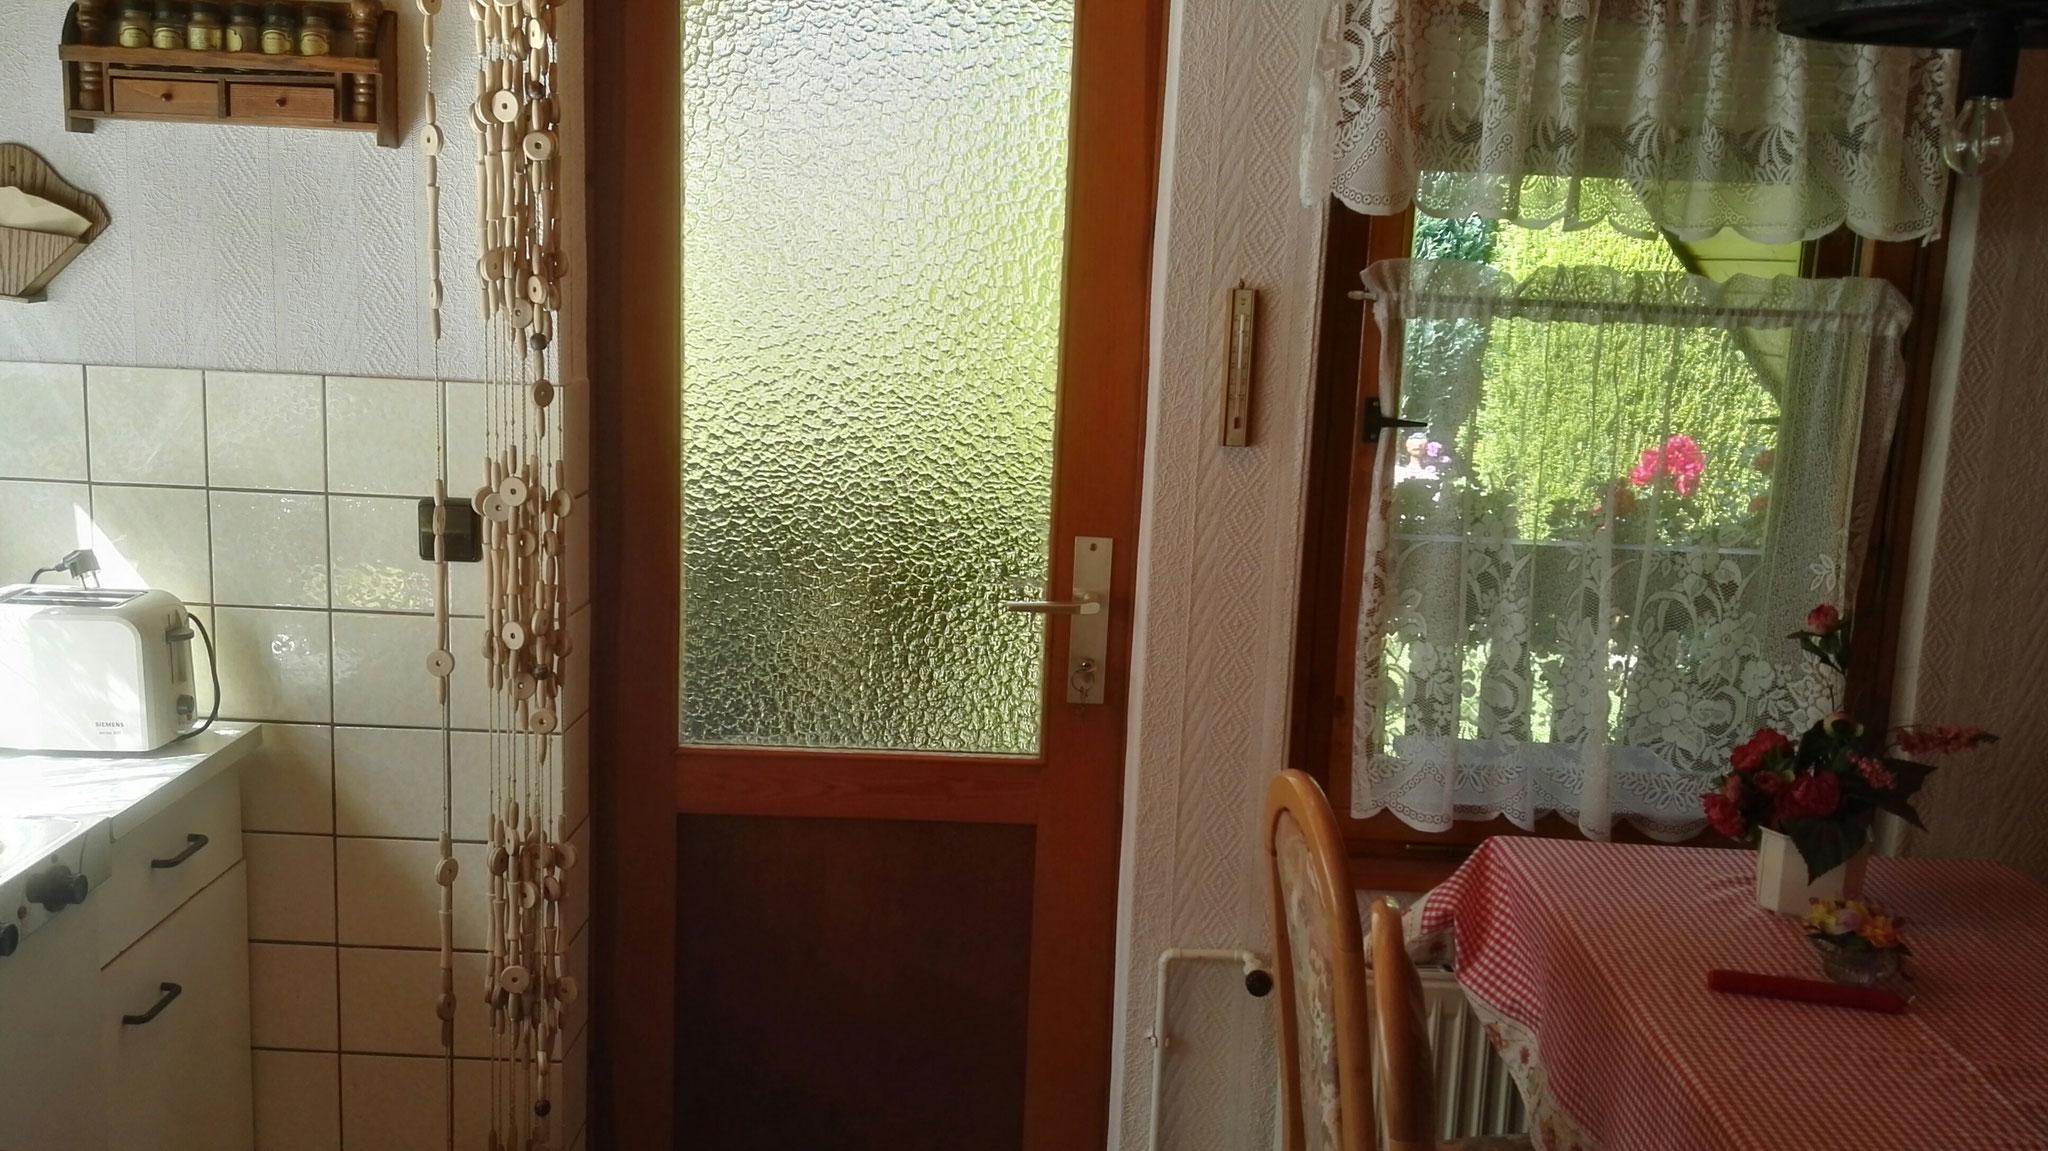 Tür zum Balkon von der Küche aus.